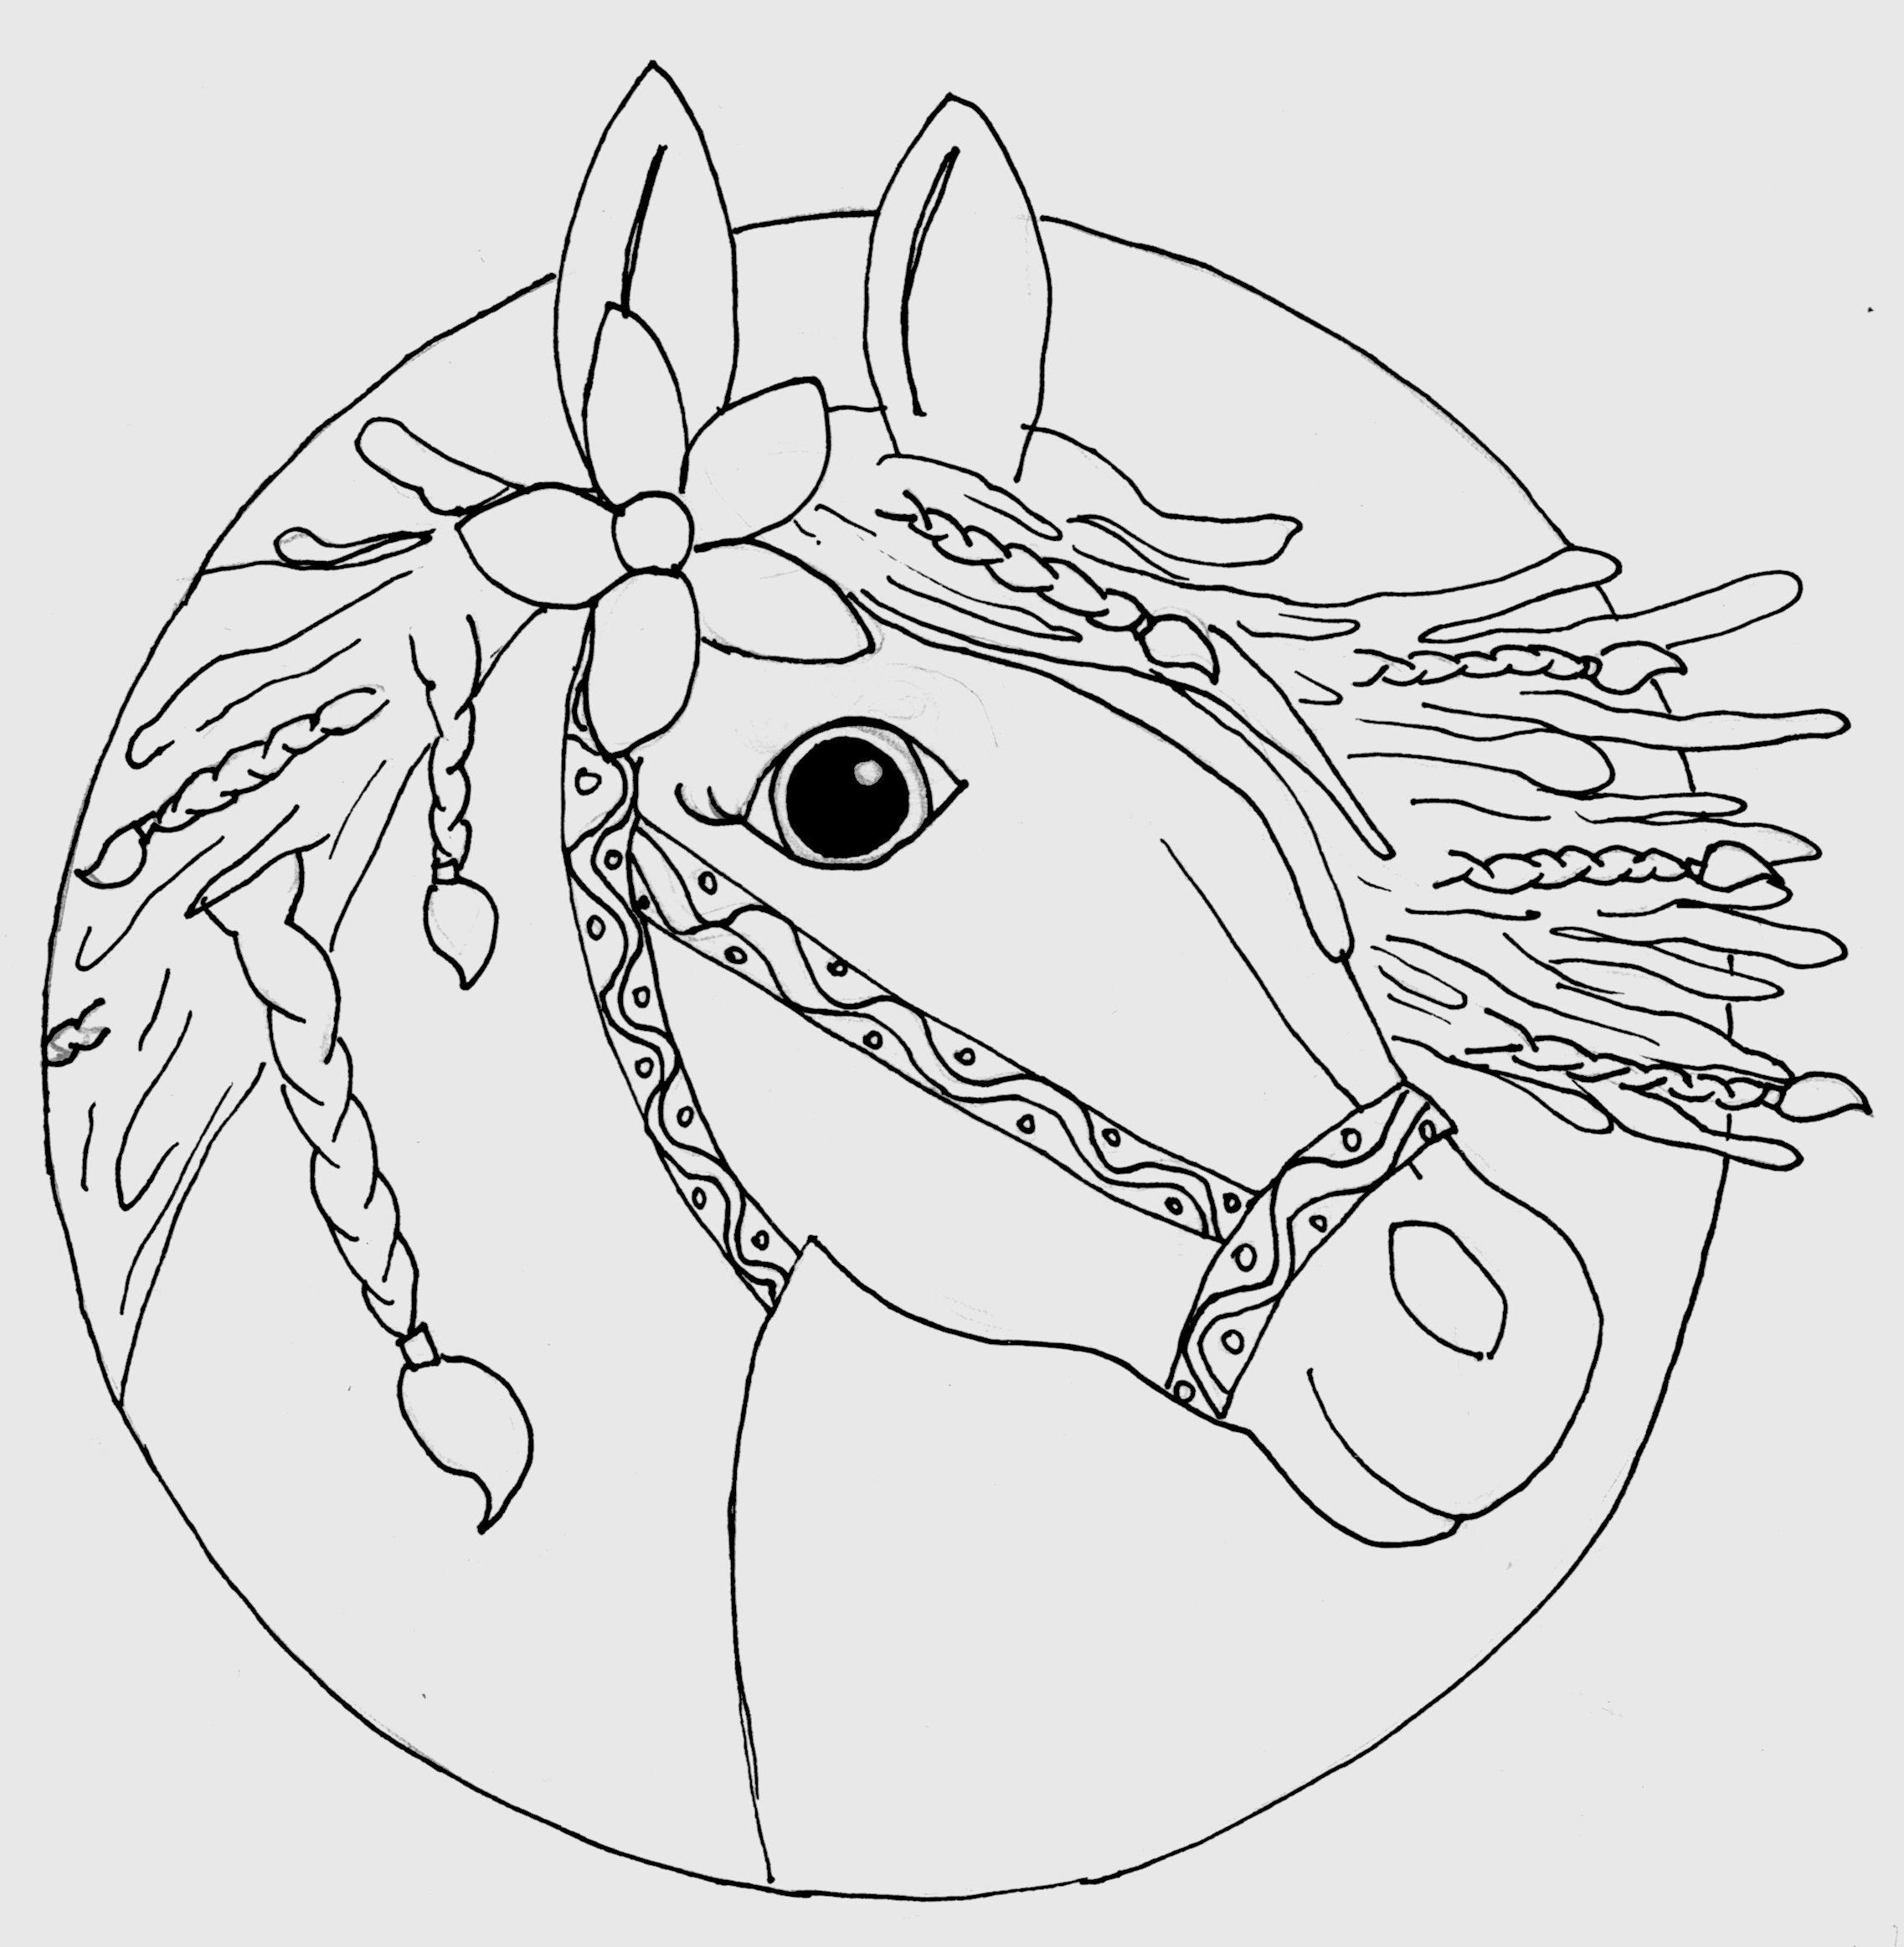 Pferdekopf Ausmalbild Gezeichnet Von Louisa 8